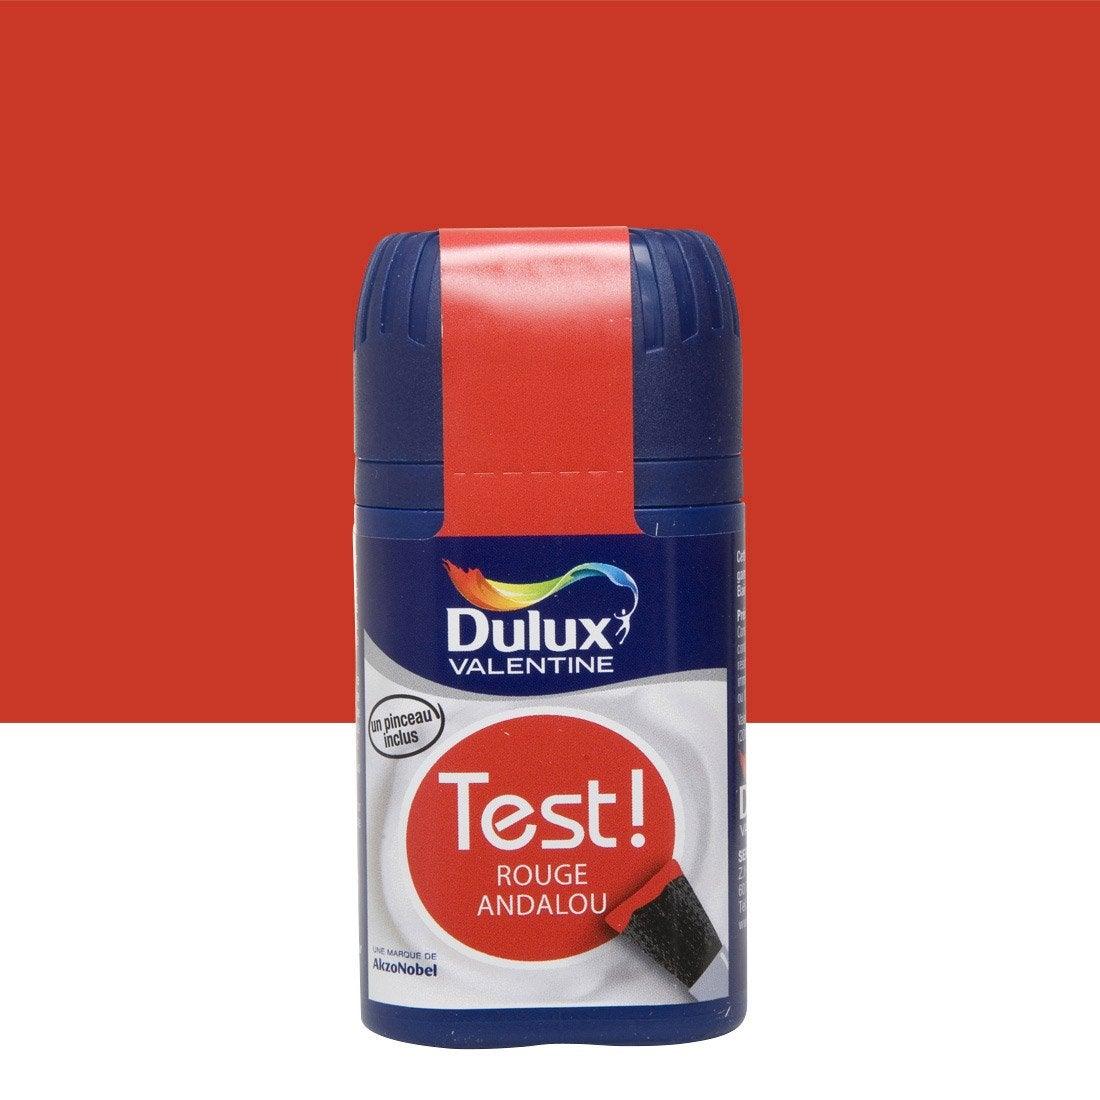 Testeur peinture rouge madras dulux valentine crème de couleur ...